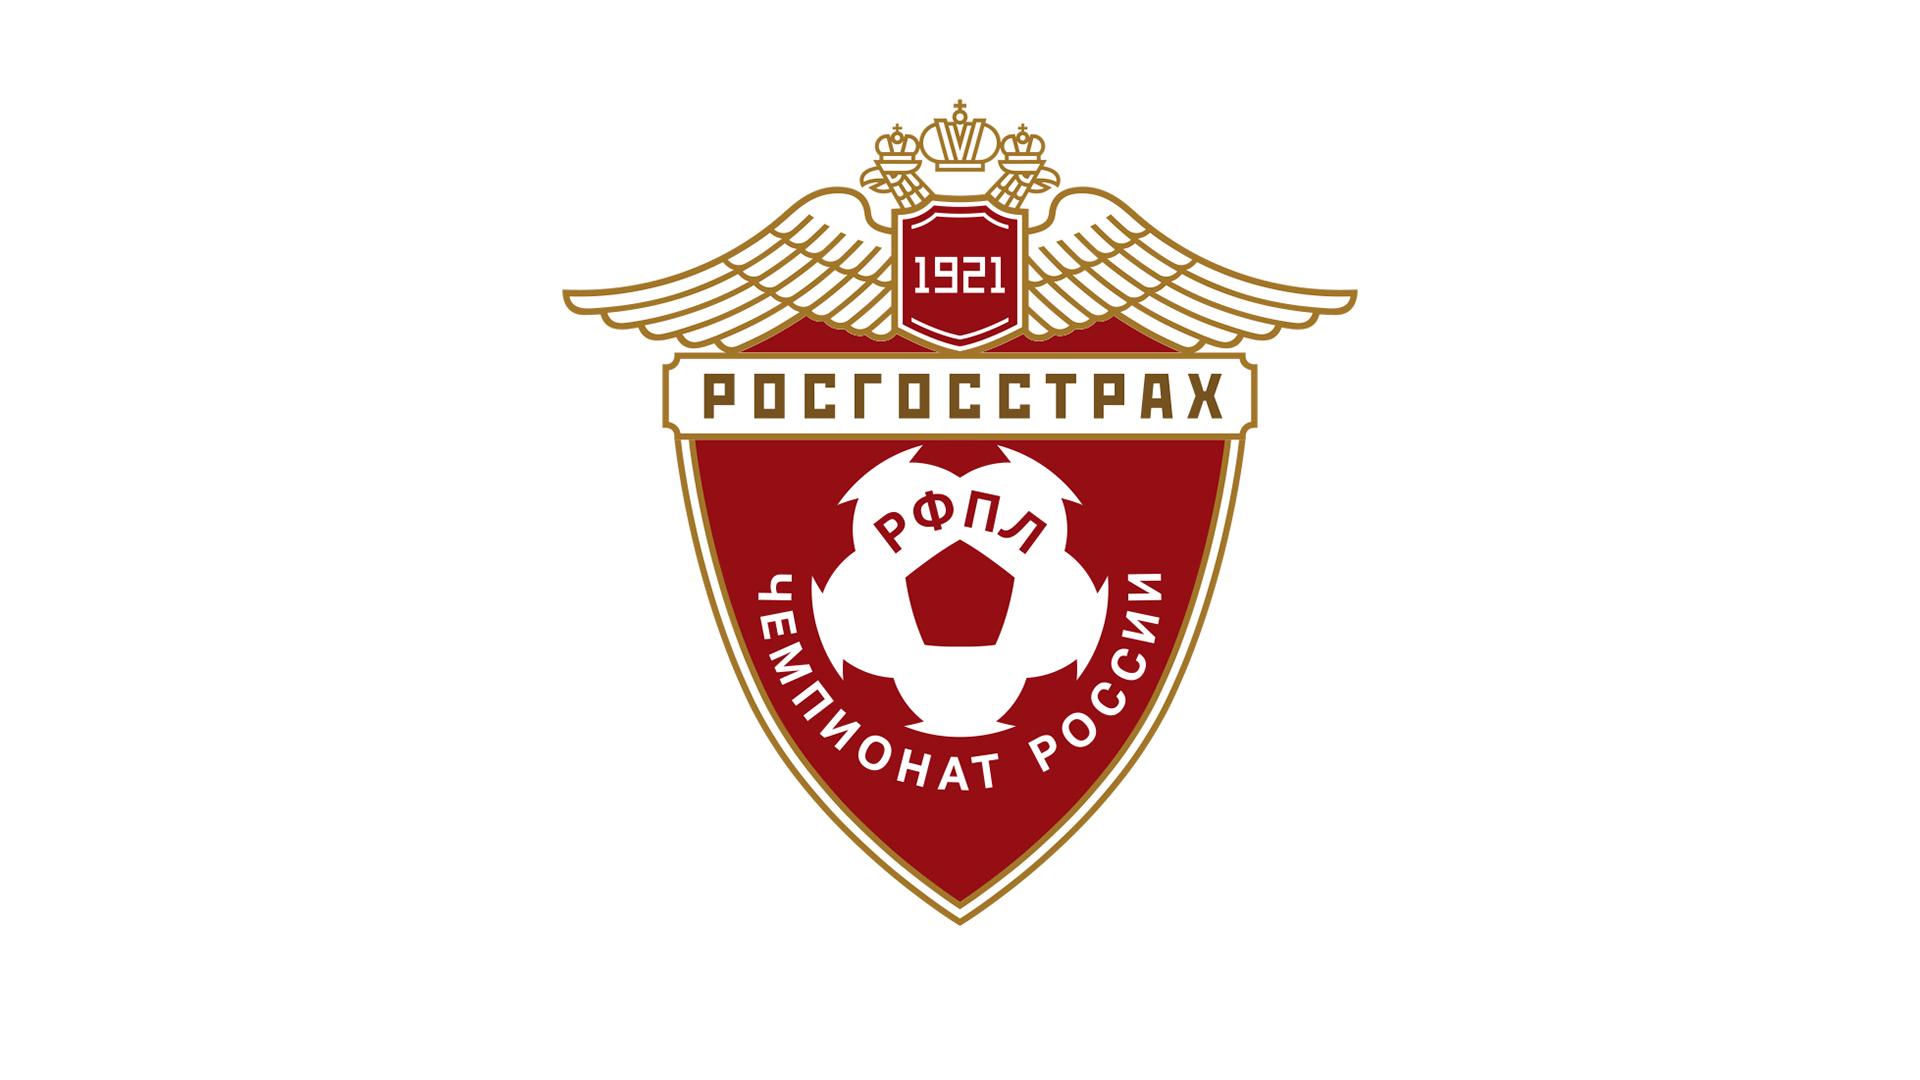 Официальные лица 28-го тура РОСГОССТРАХ Чемпионата России по футболу